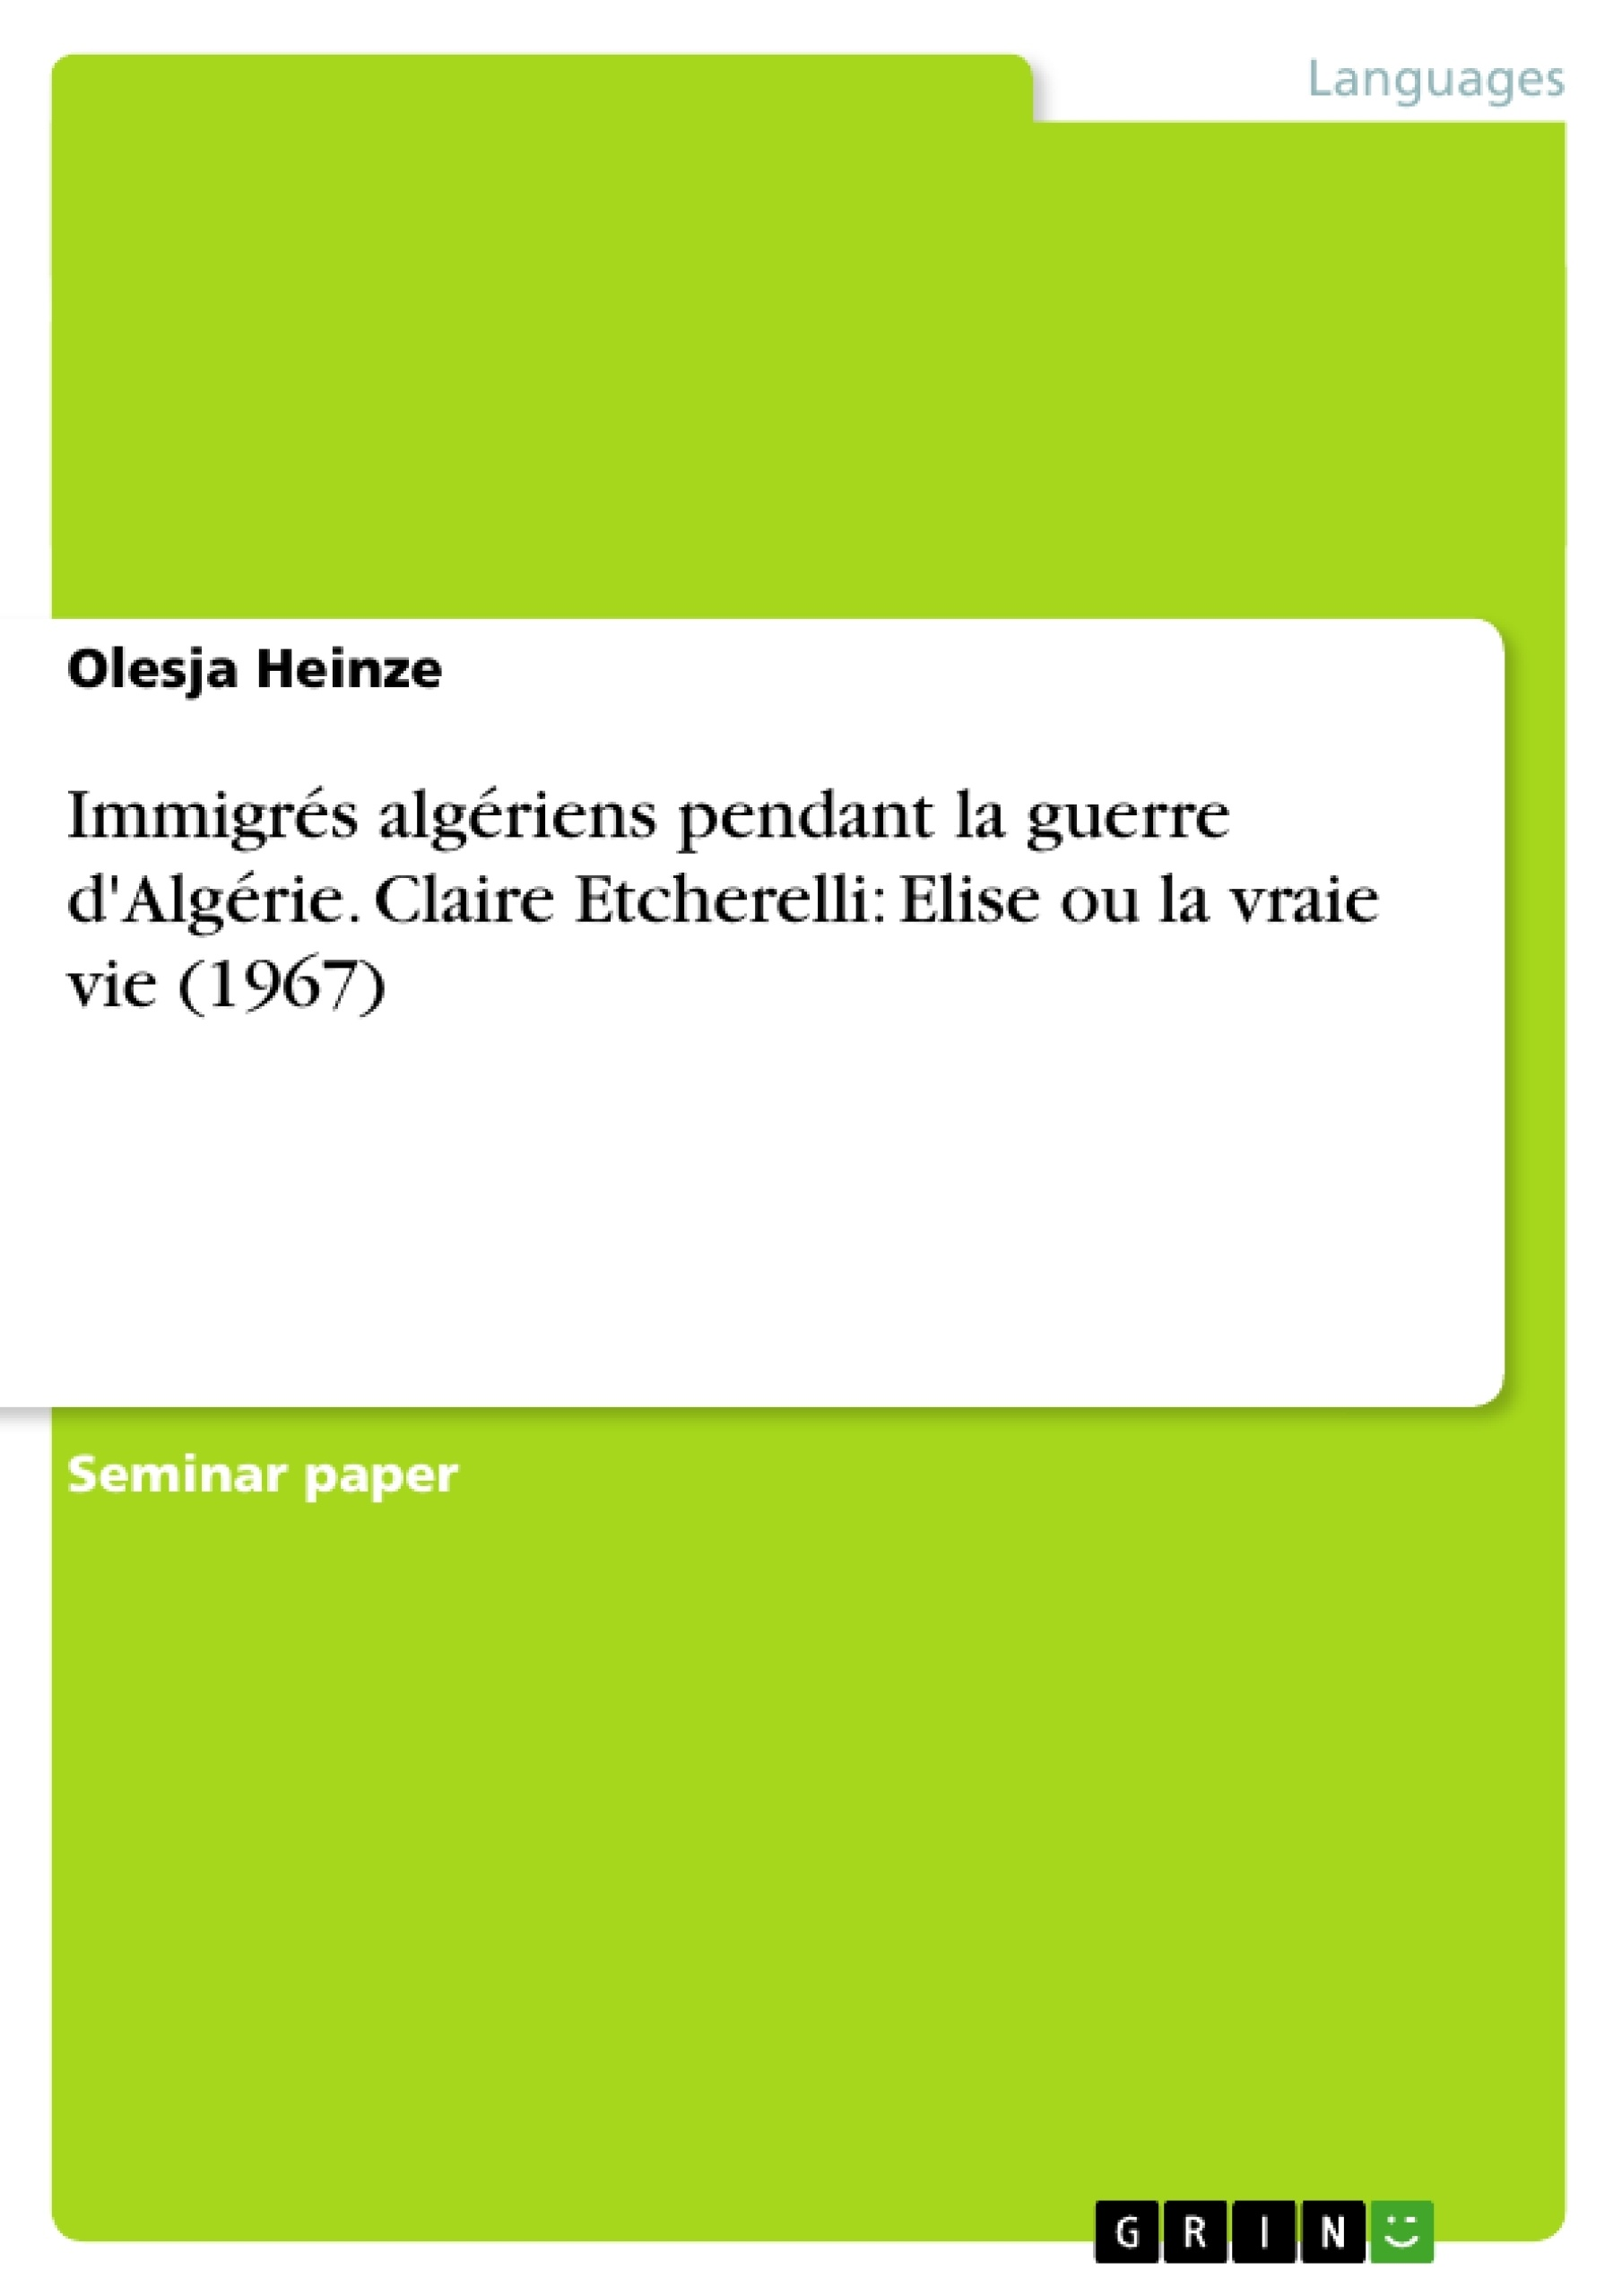 Titre: Immigrés algériens pendant la guerre d'Algérie. Claire Etcherelli: Elise ou la vraie vie (1967)